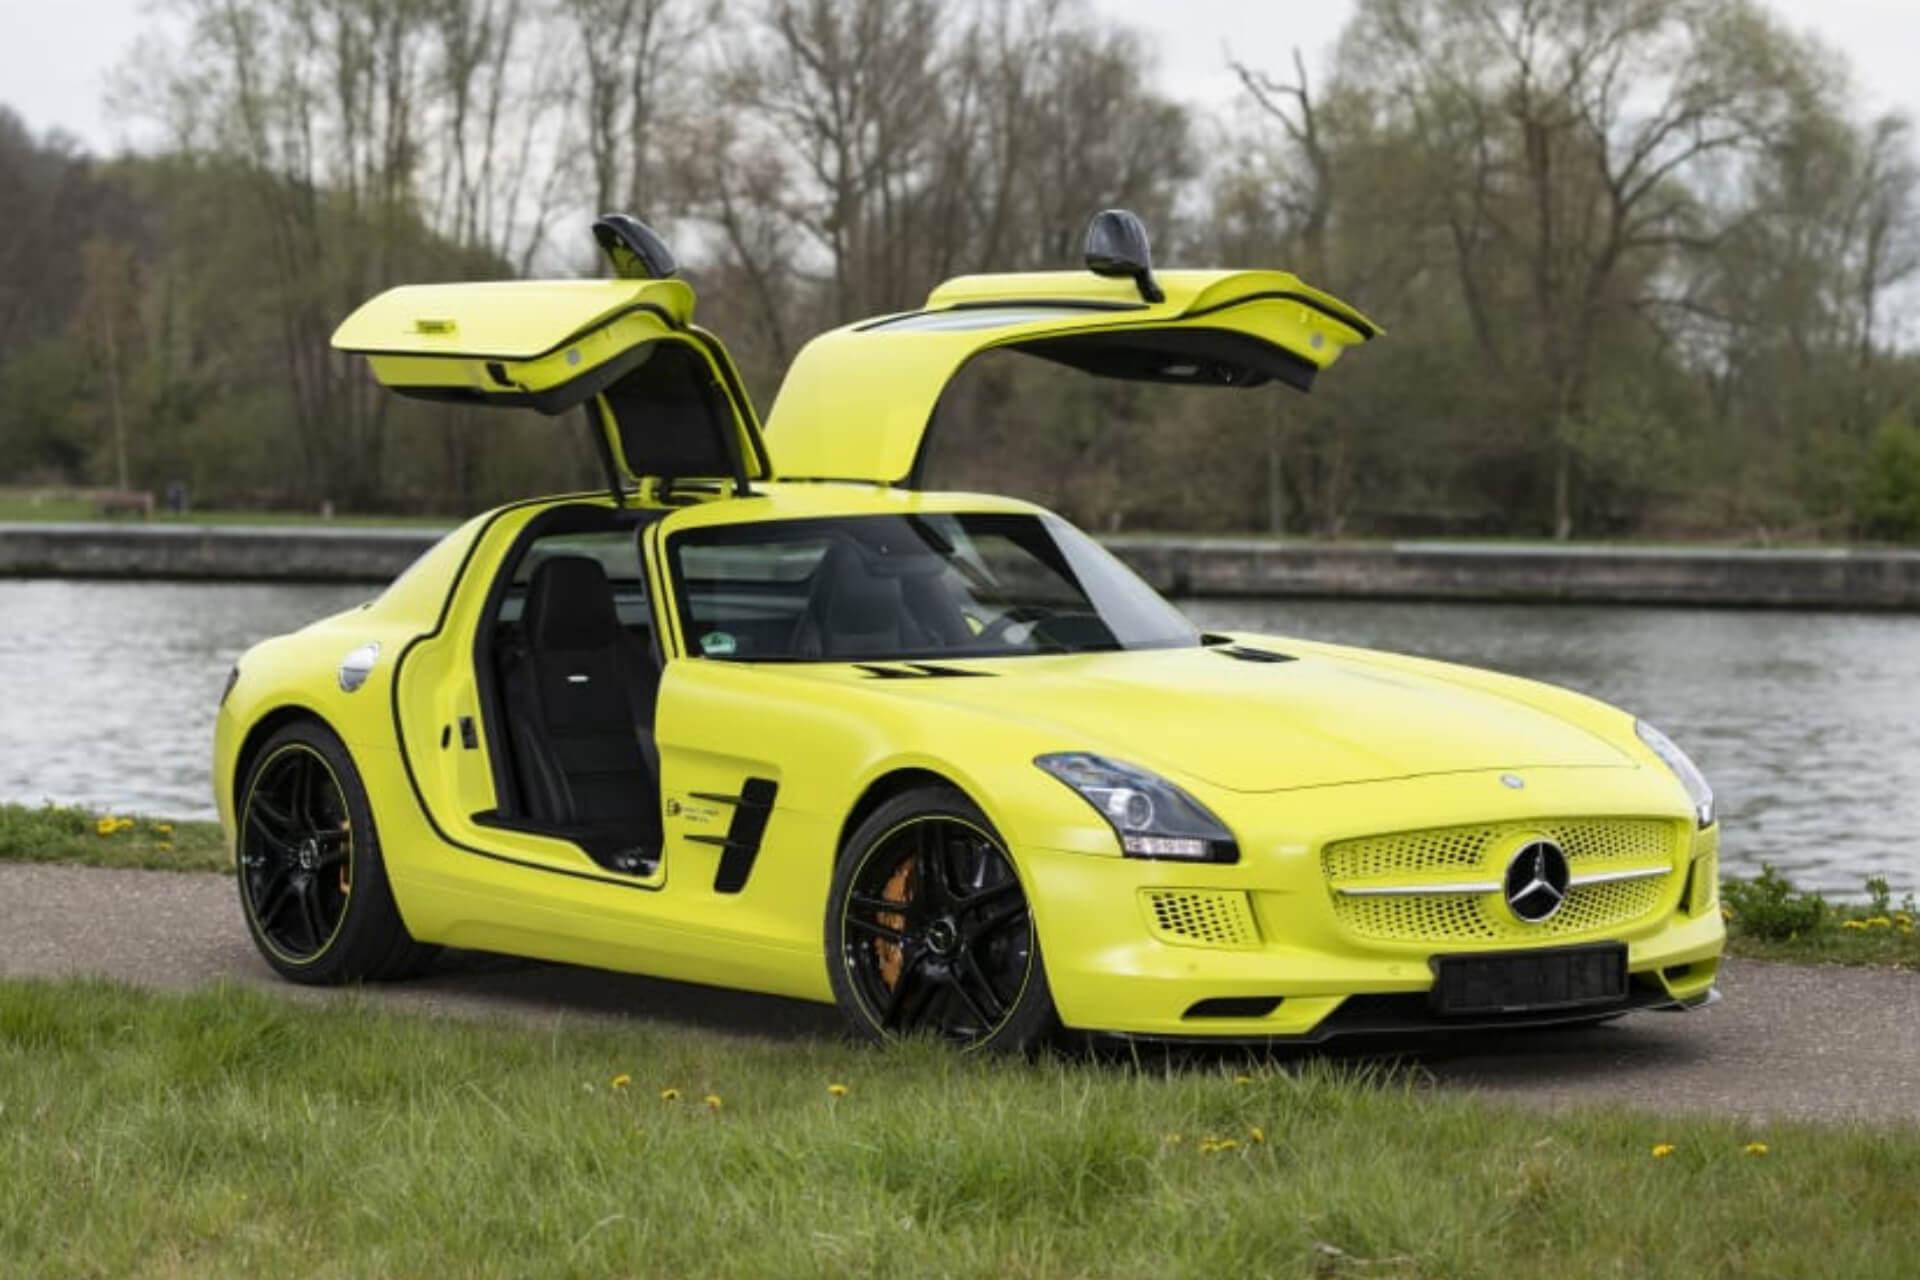 Mercedes Benz Sls Amg Electric Drive 02